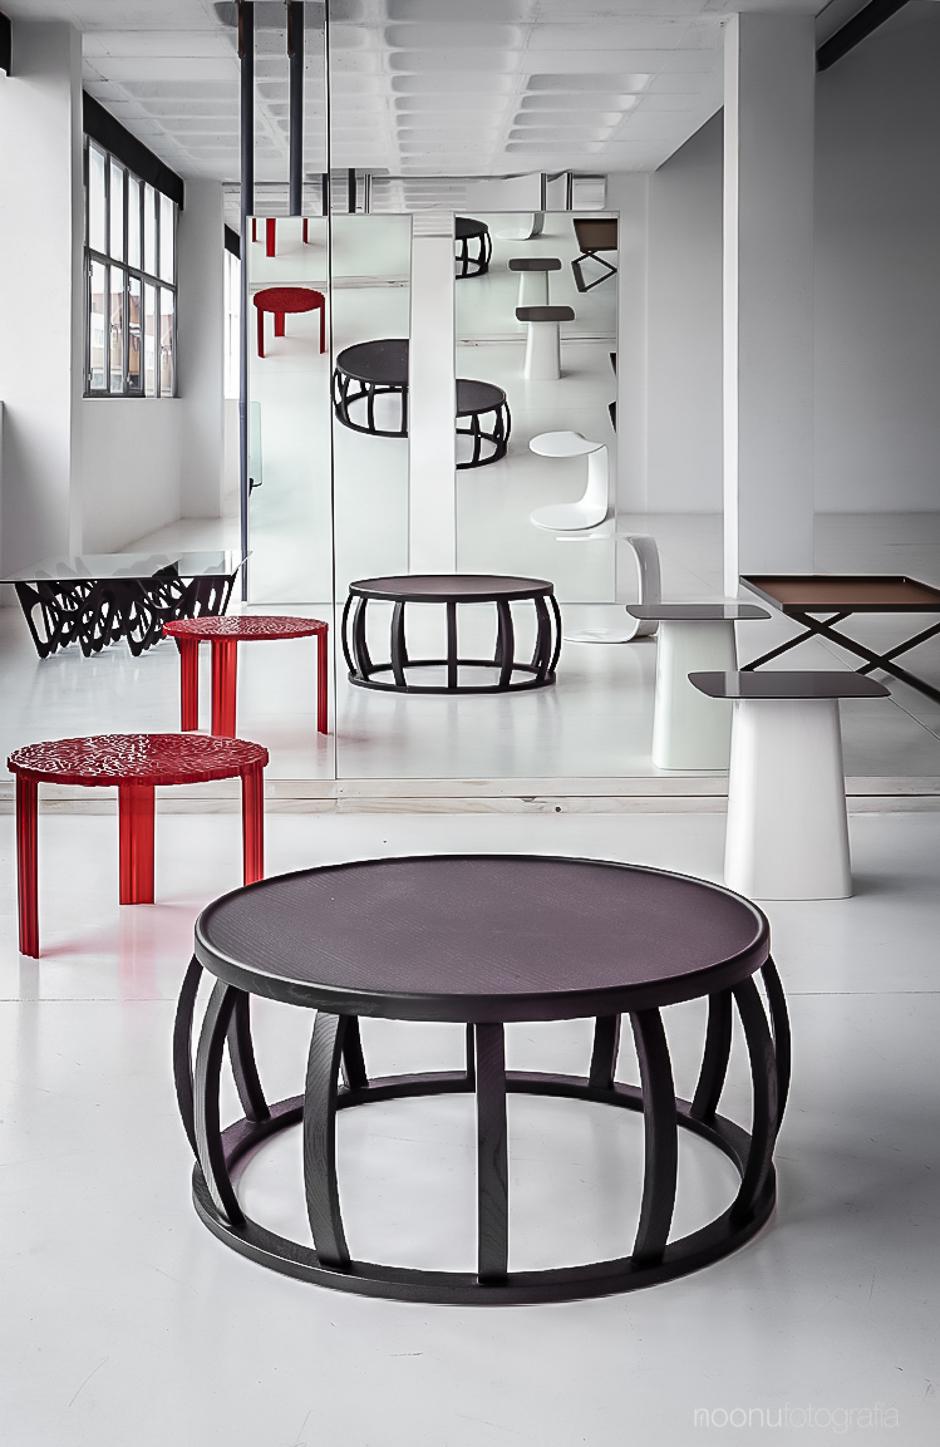 Noonu-fotografo-de-espacios-interiores-madrid-sillas 4